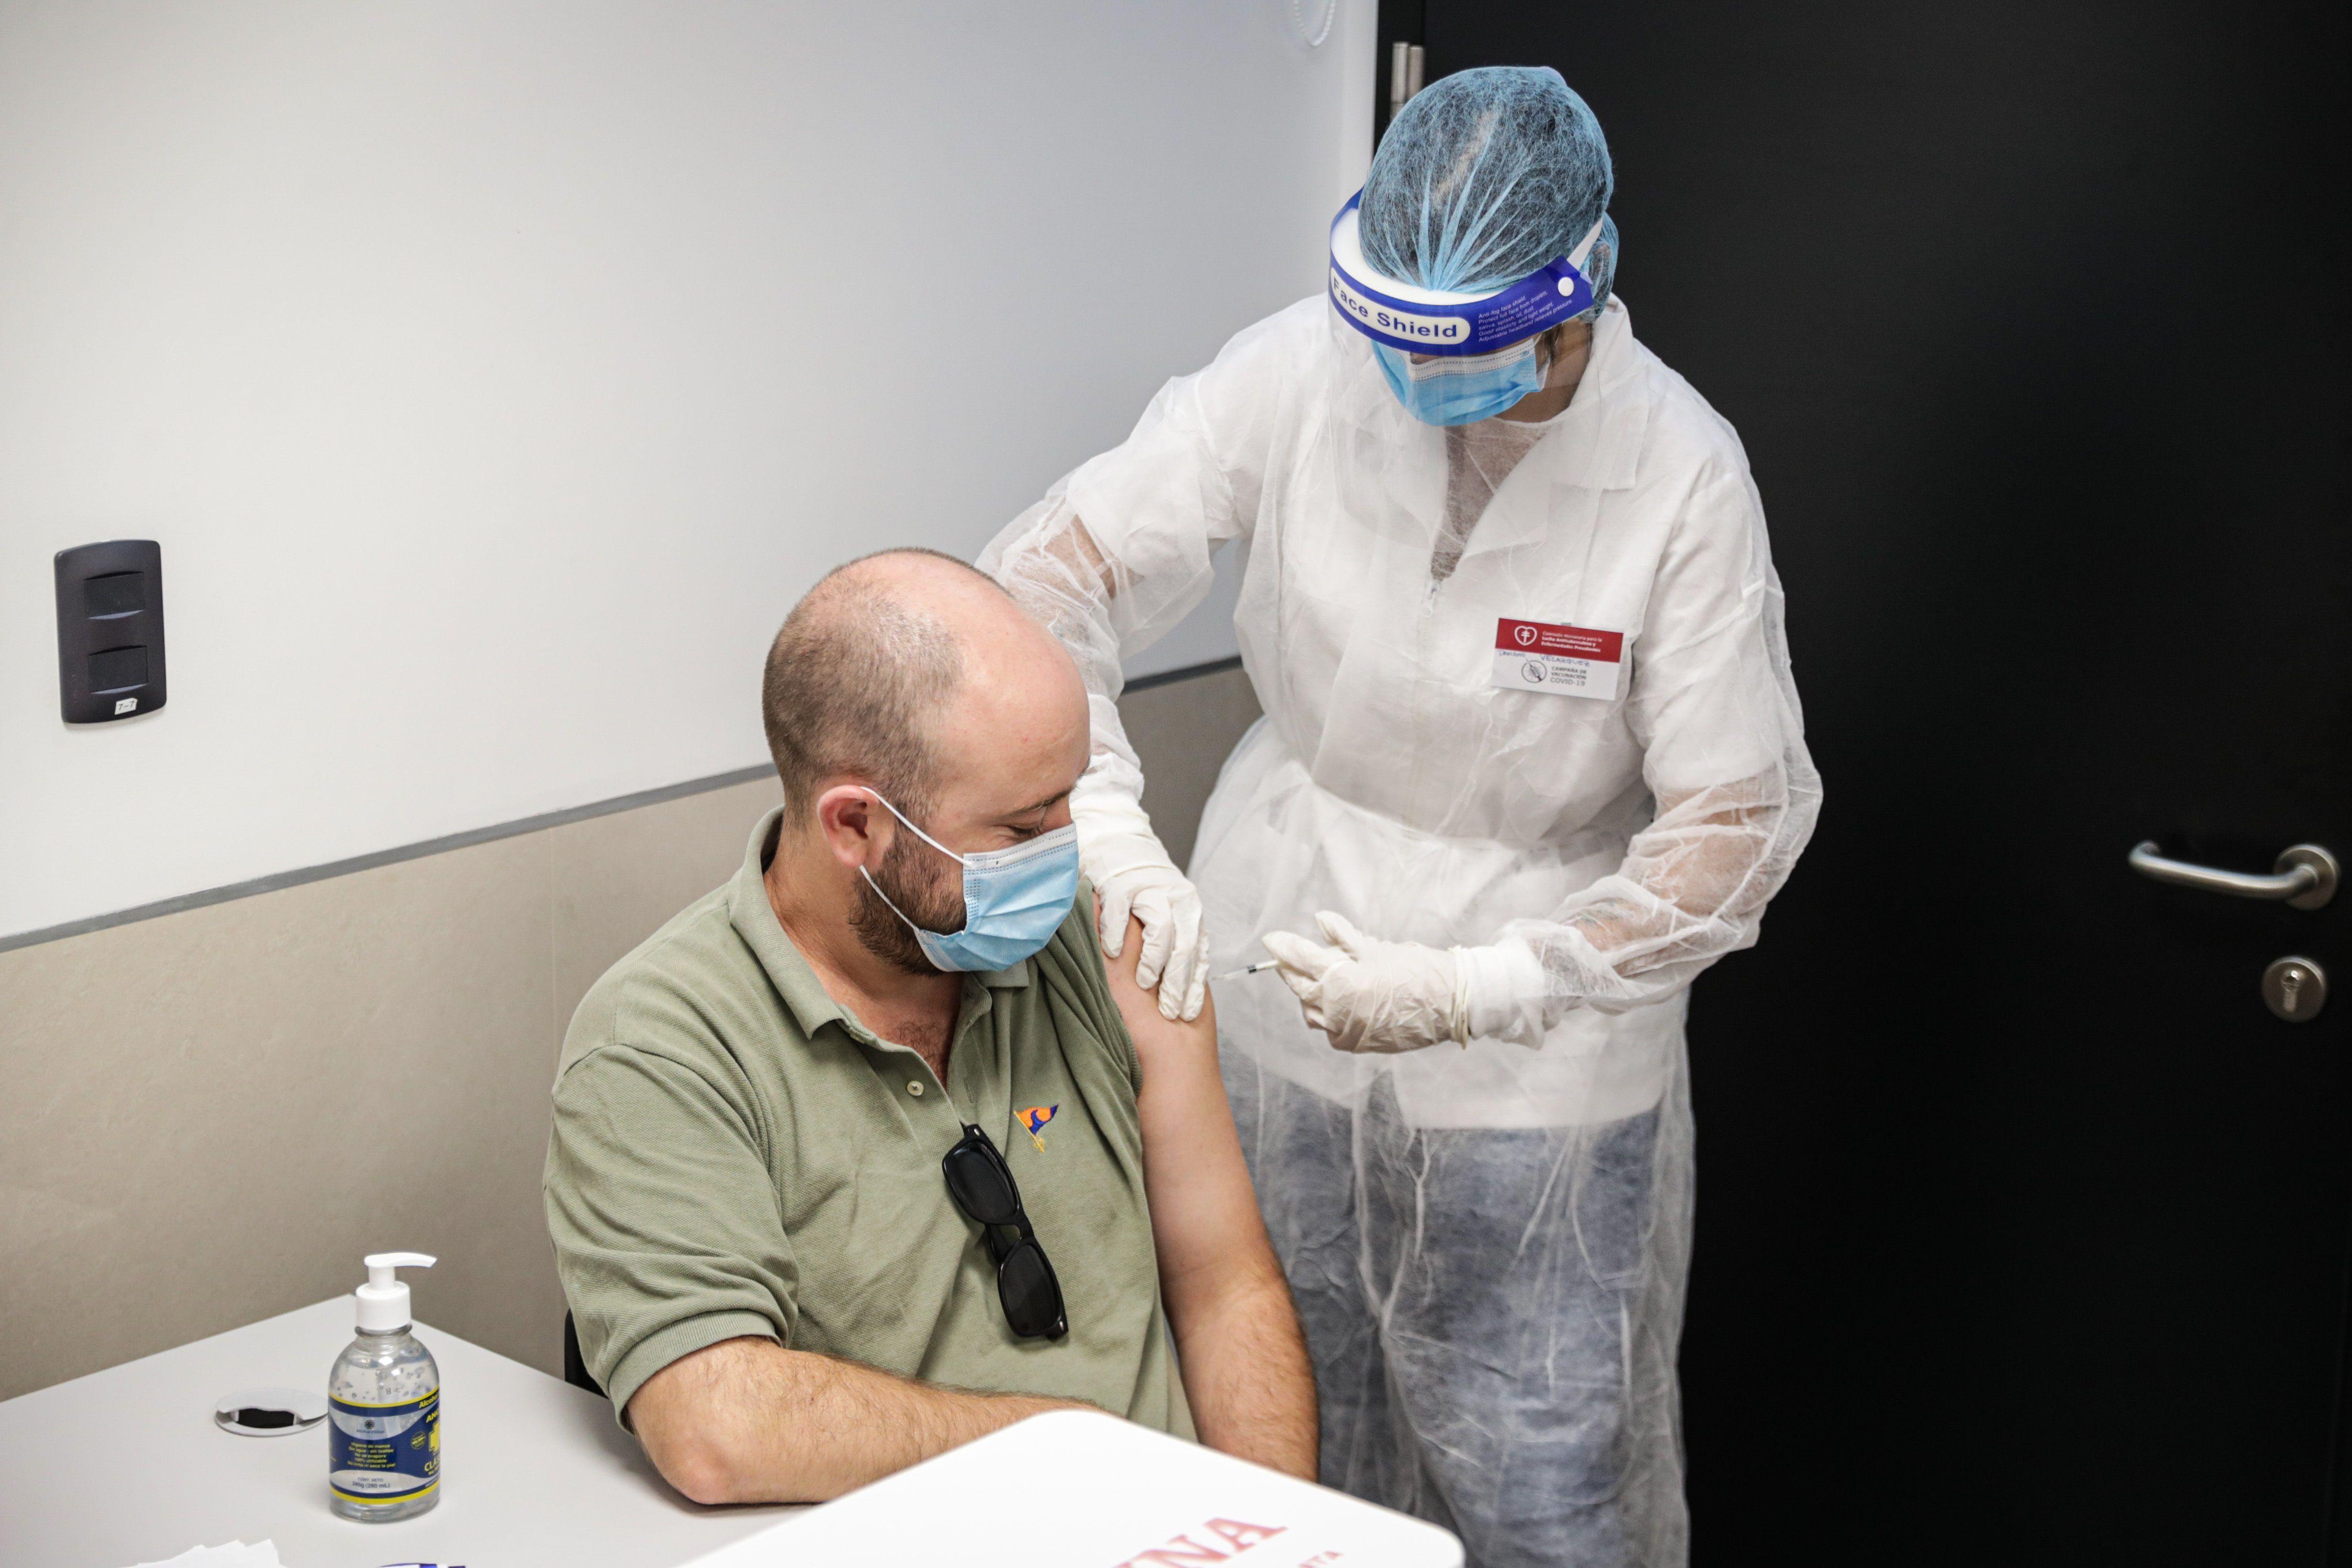 Uruguay ya tiene al 70% de su población vacunada con las dos dosis. En la foto un hombre recibe una dosis de una vacuna contra la covid-19, en Montevideo. EFE/Federico Anfitti/Archivo